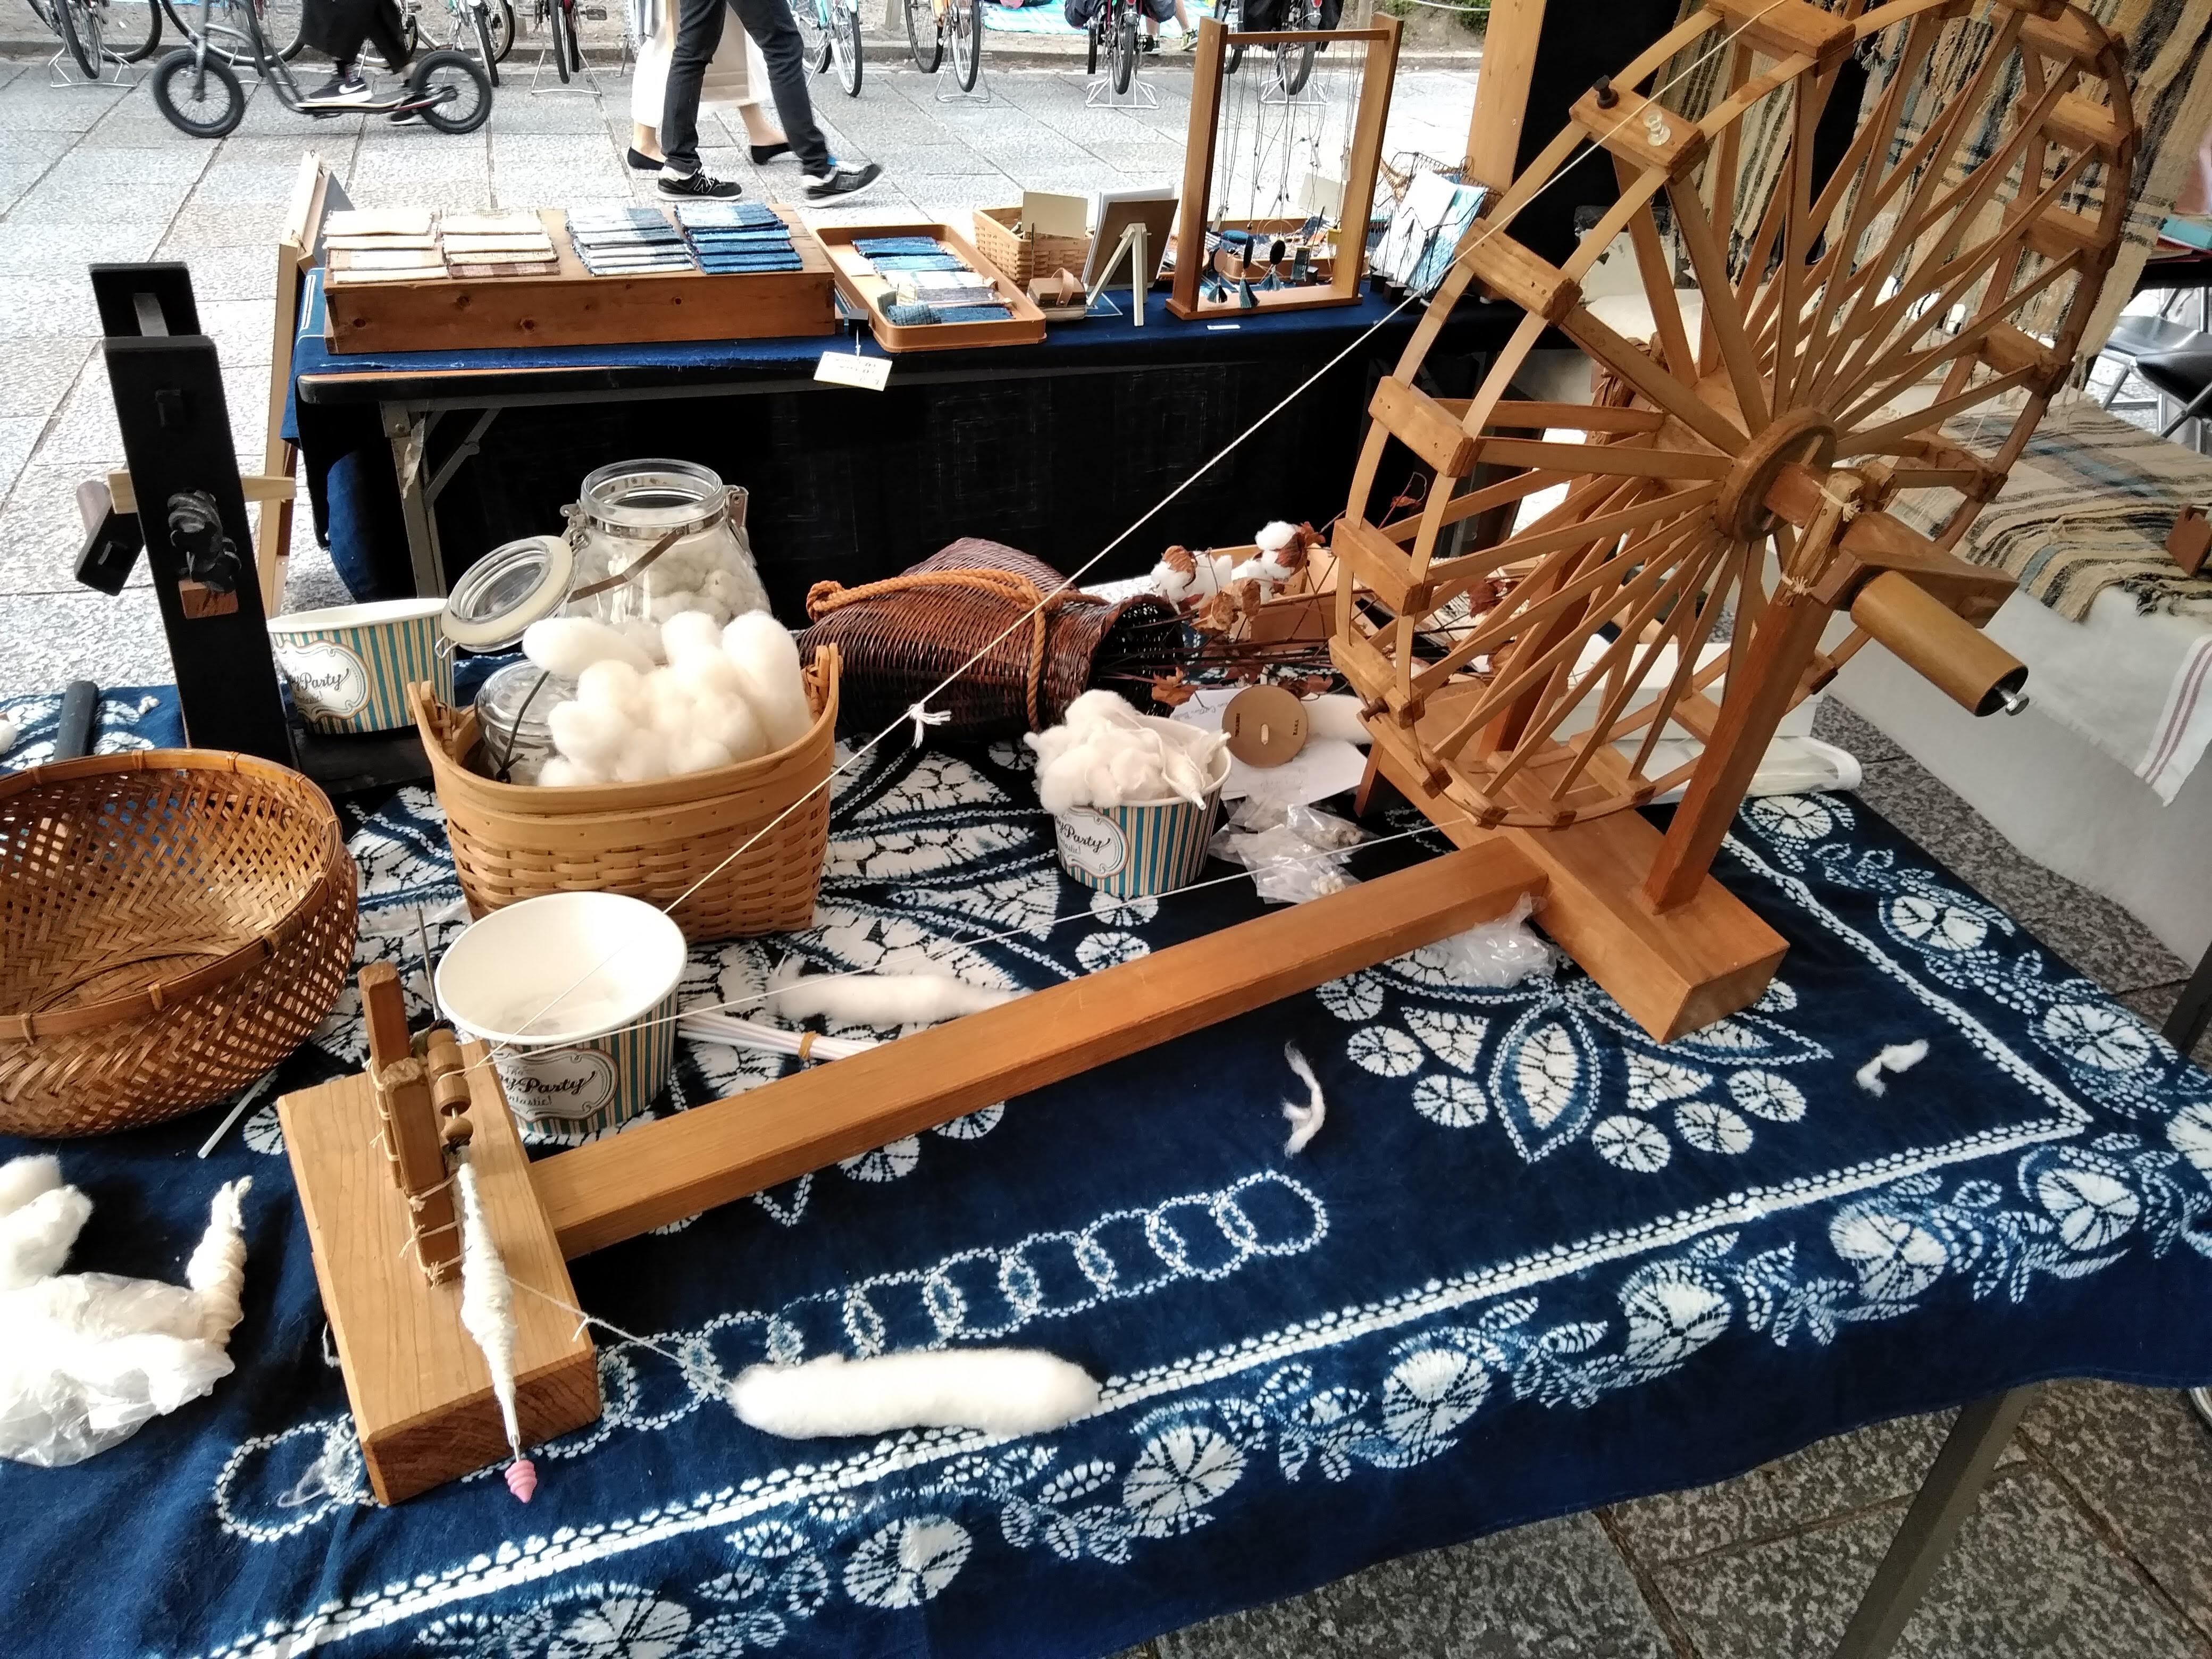 ゴールデンウイーク明けの棉仕事。棉の種をまく季節です。